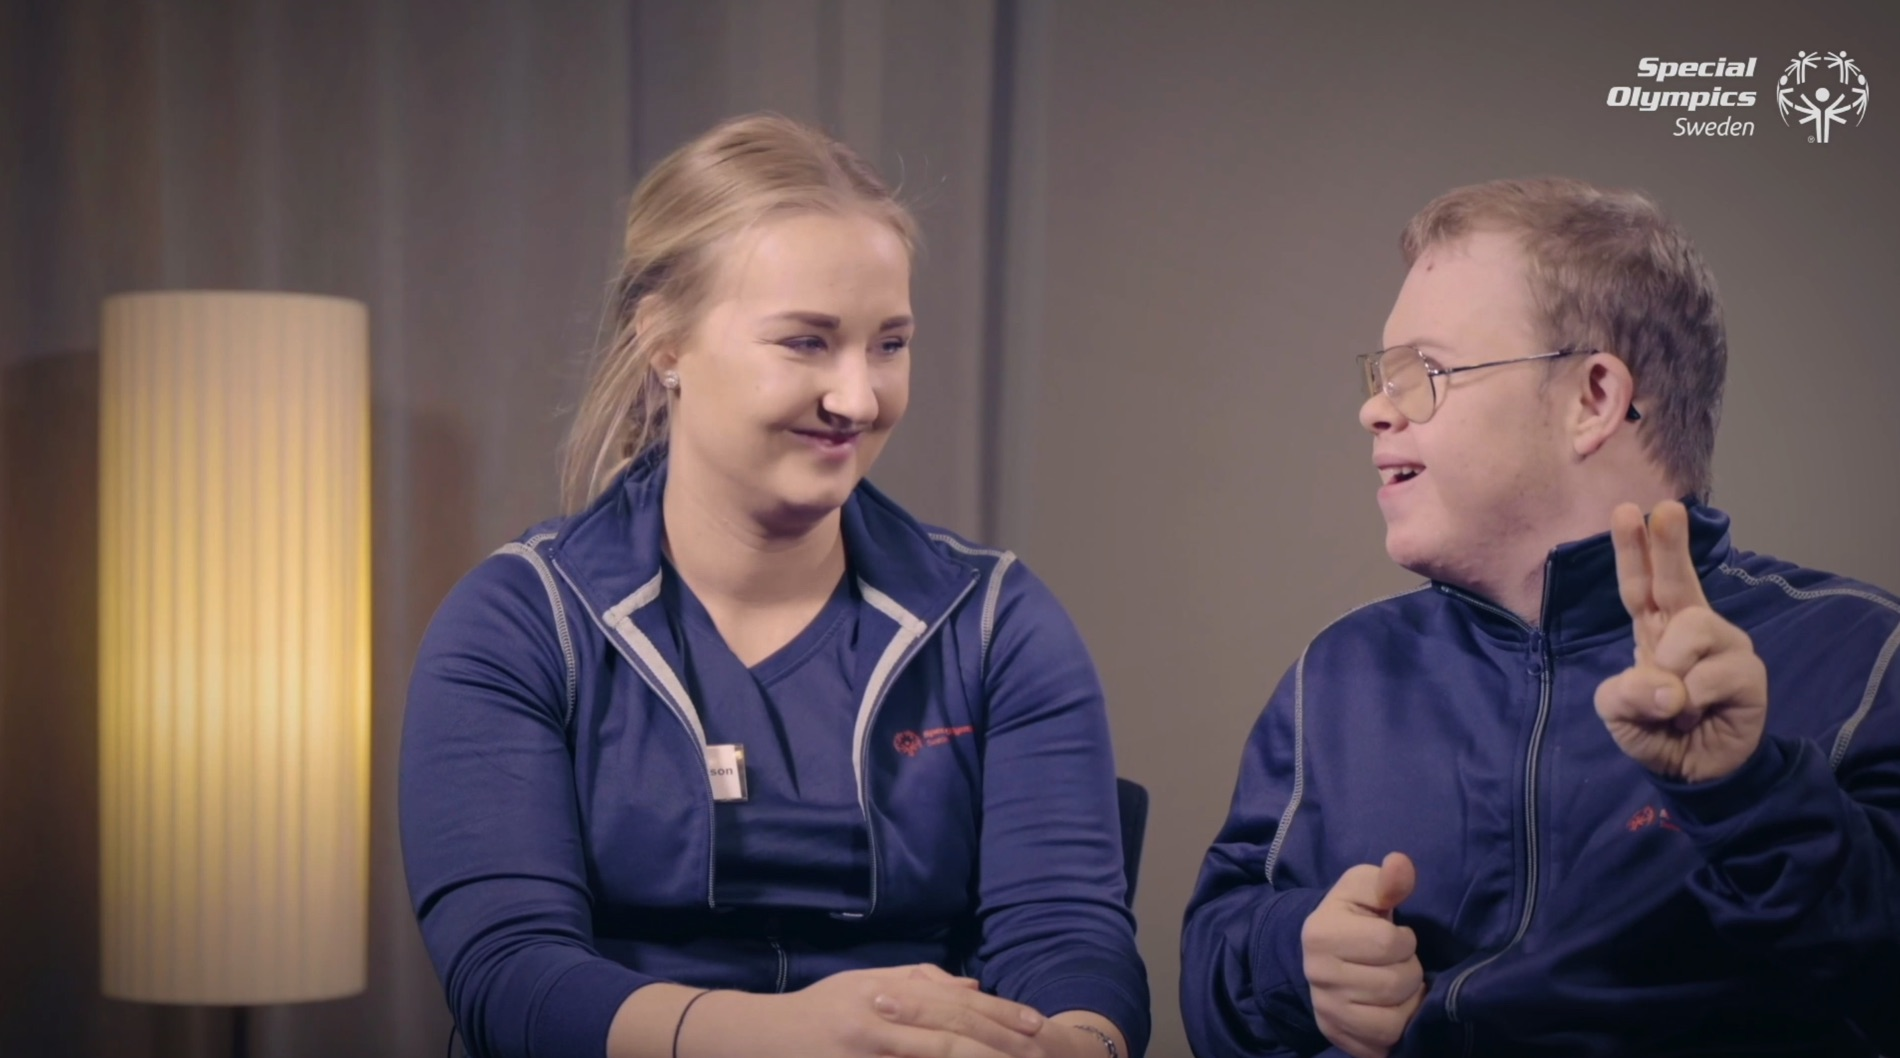 Erika Nylund och Jesper Eriksson Nylund, mentor respektive ambassadör för Special Olympics Sverige.